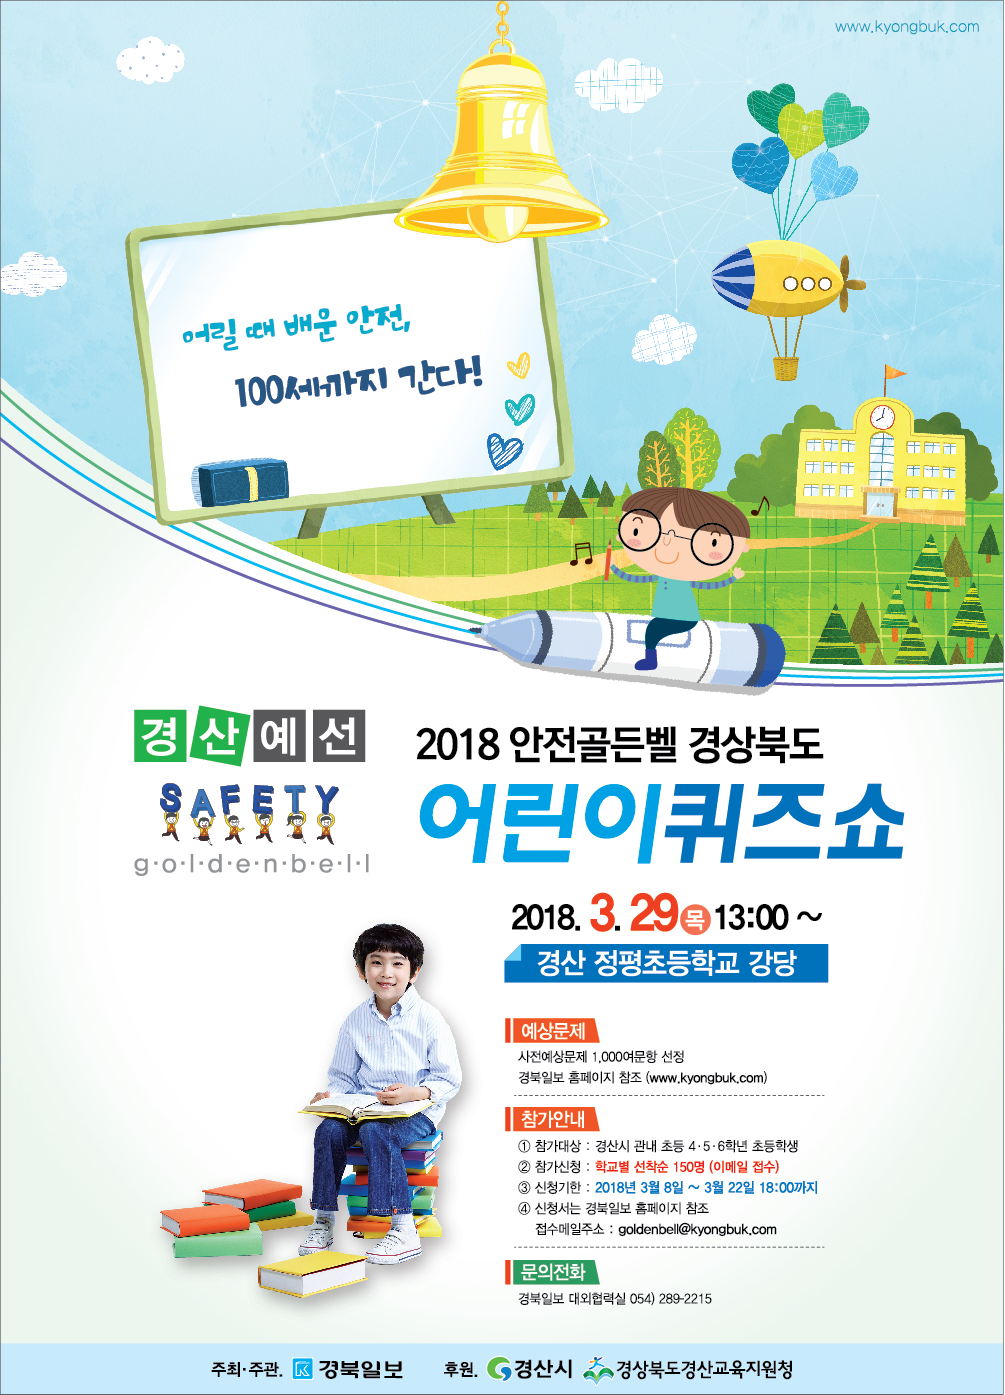 2018_안전골든벨 경산예선_pop_N.png